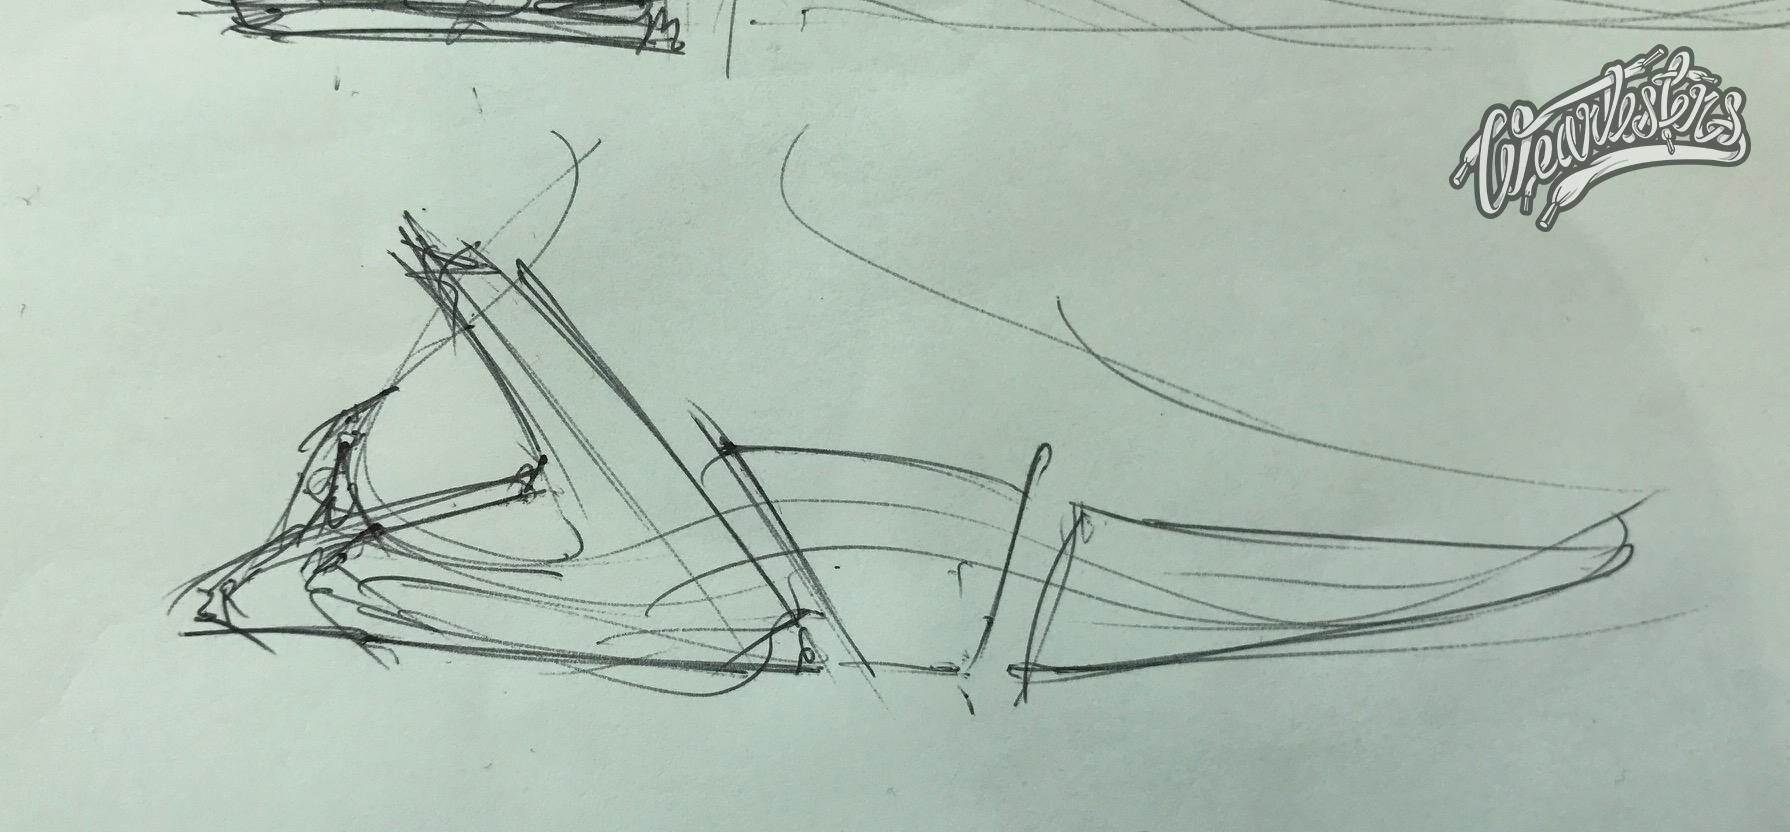 puma hybrid rocket sketch sean oshea